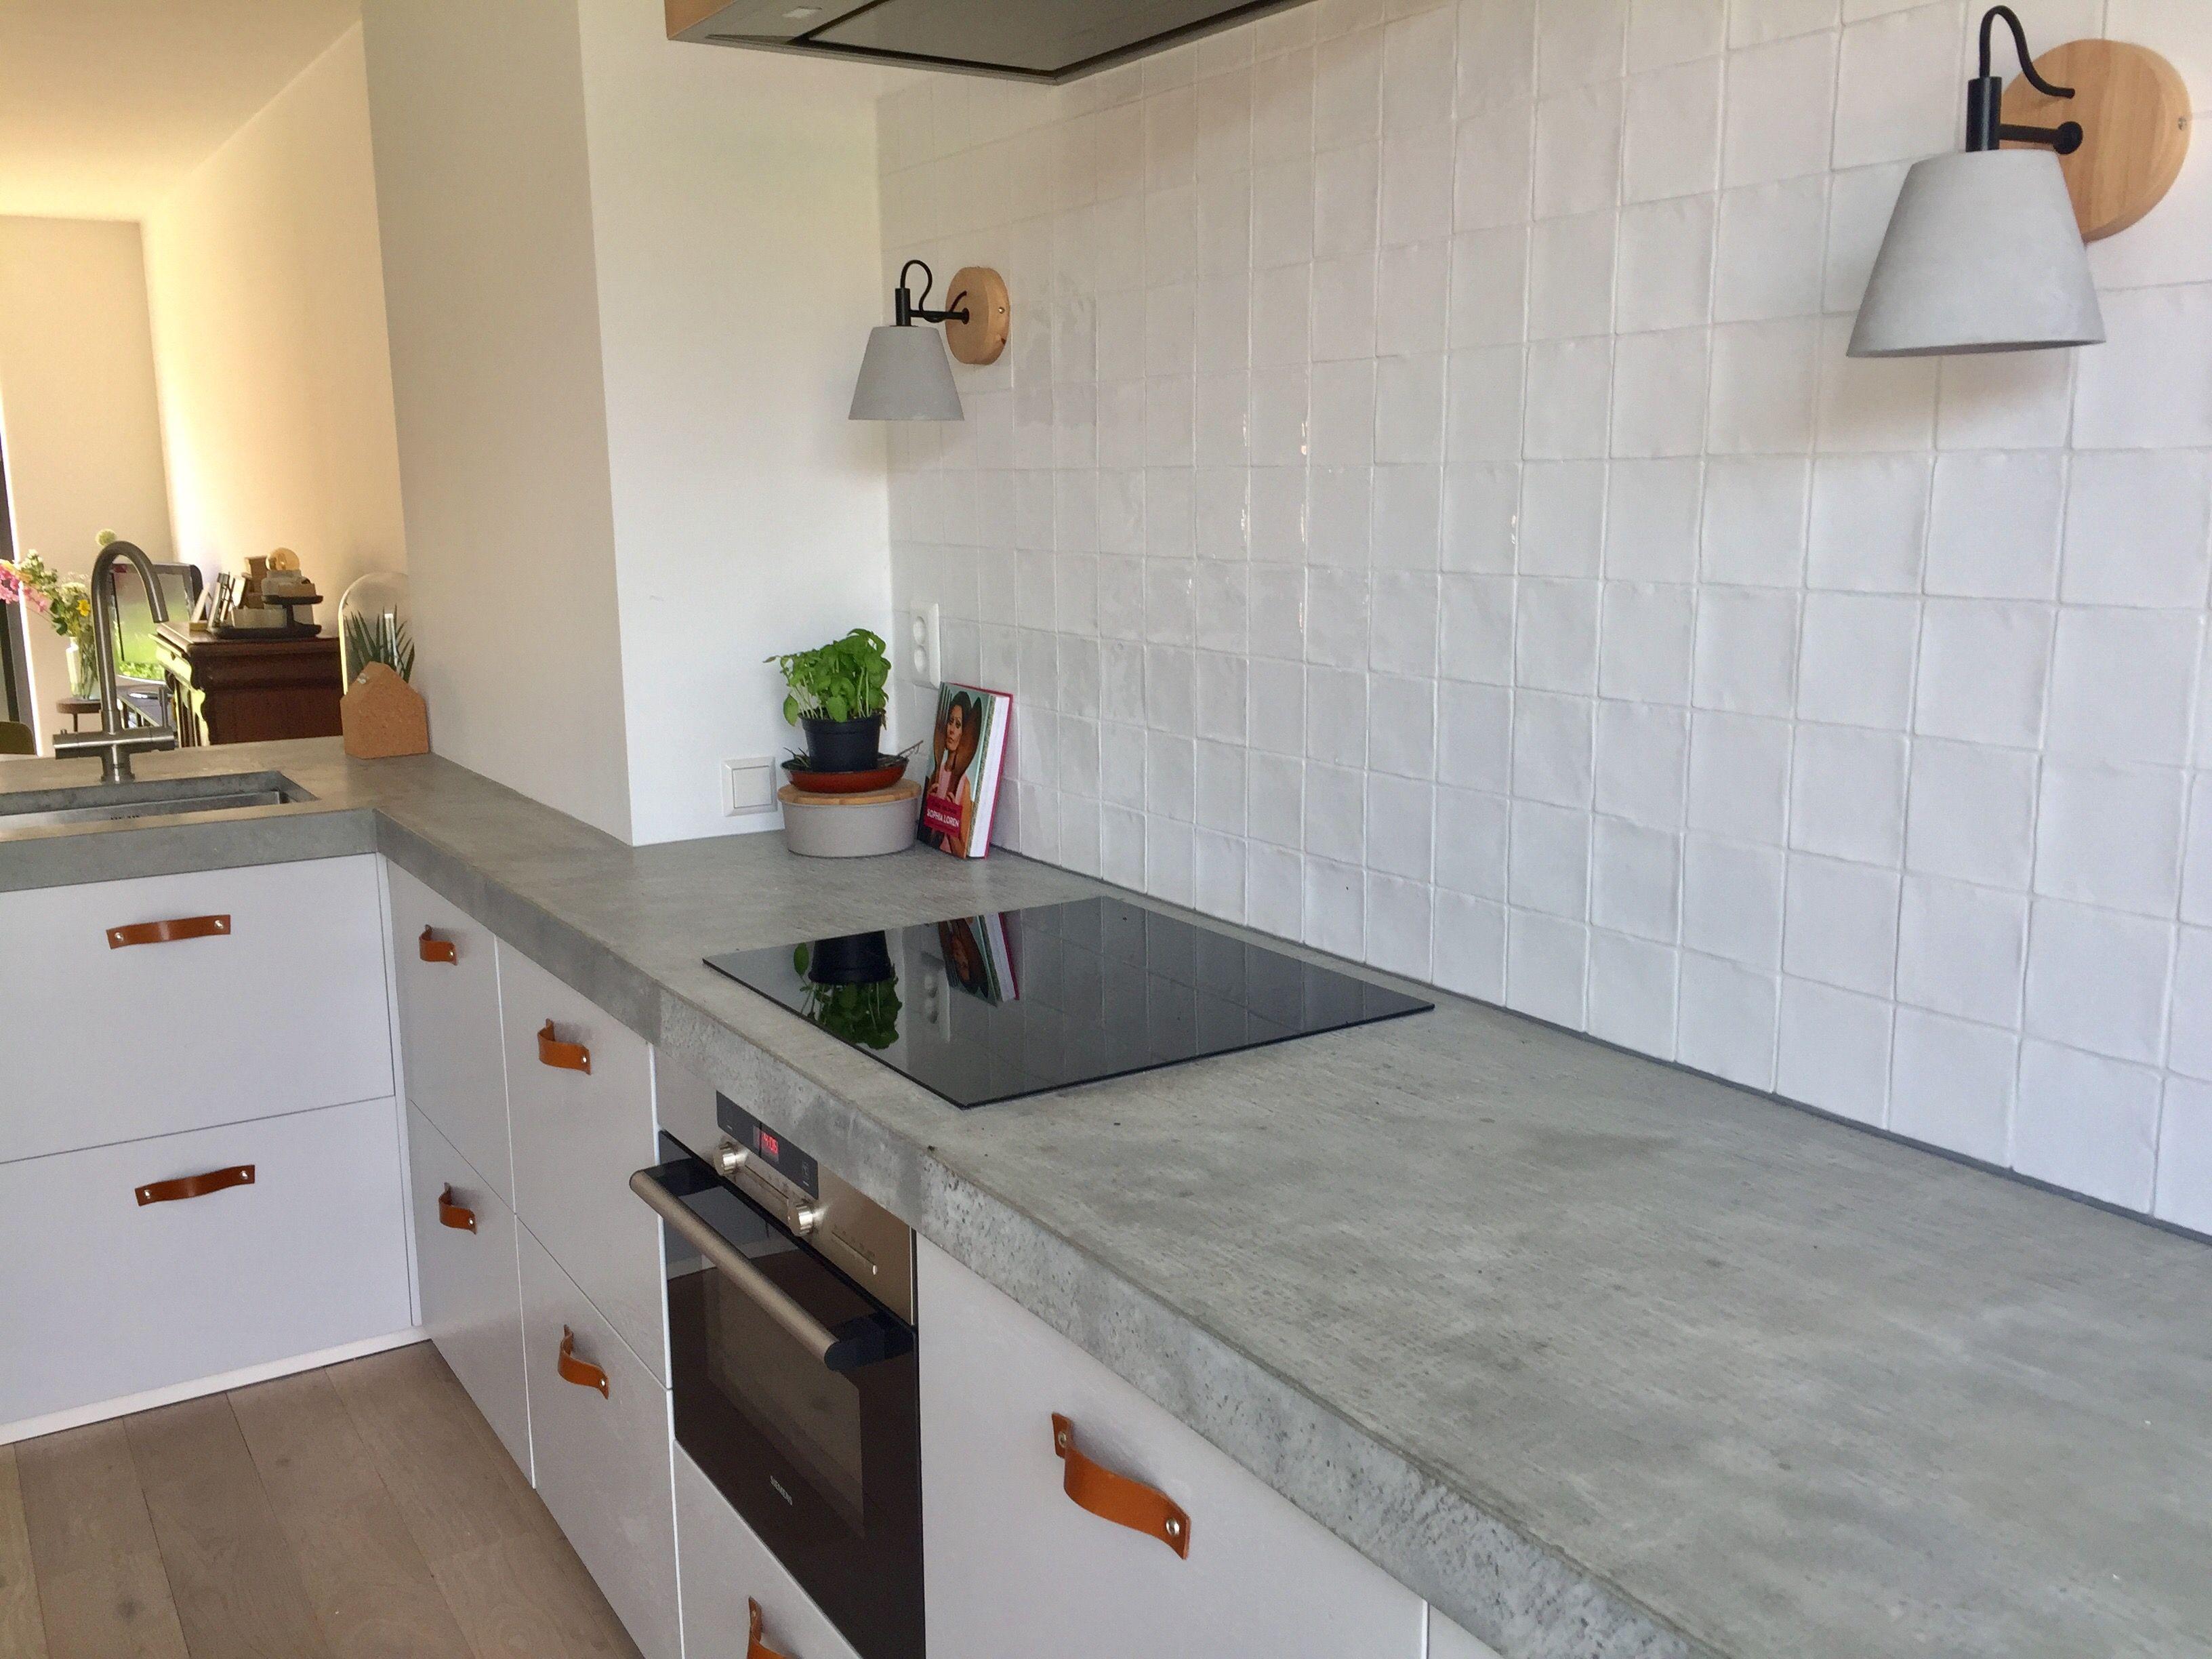 Ikea Tegels Keuken : Interieur keuken keukeninspiratie tileideas ikeahacks ikea